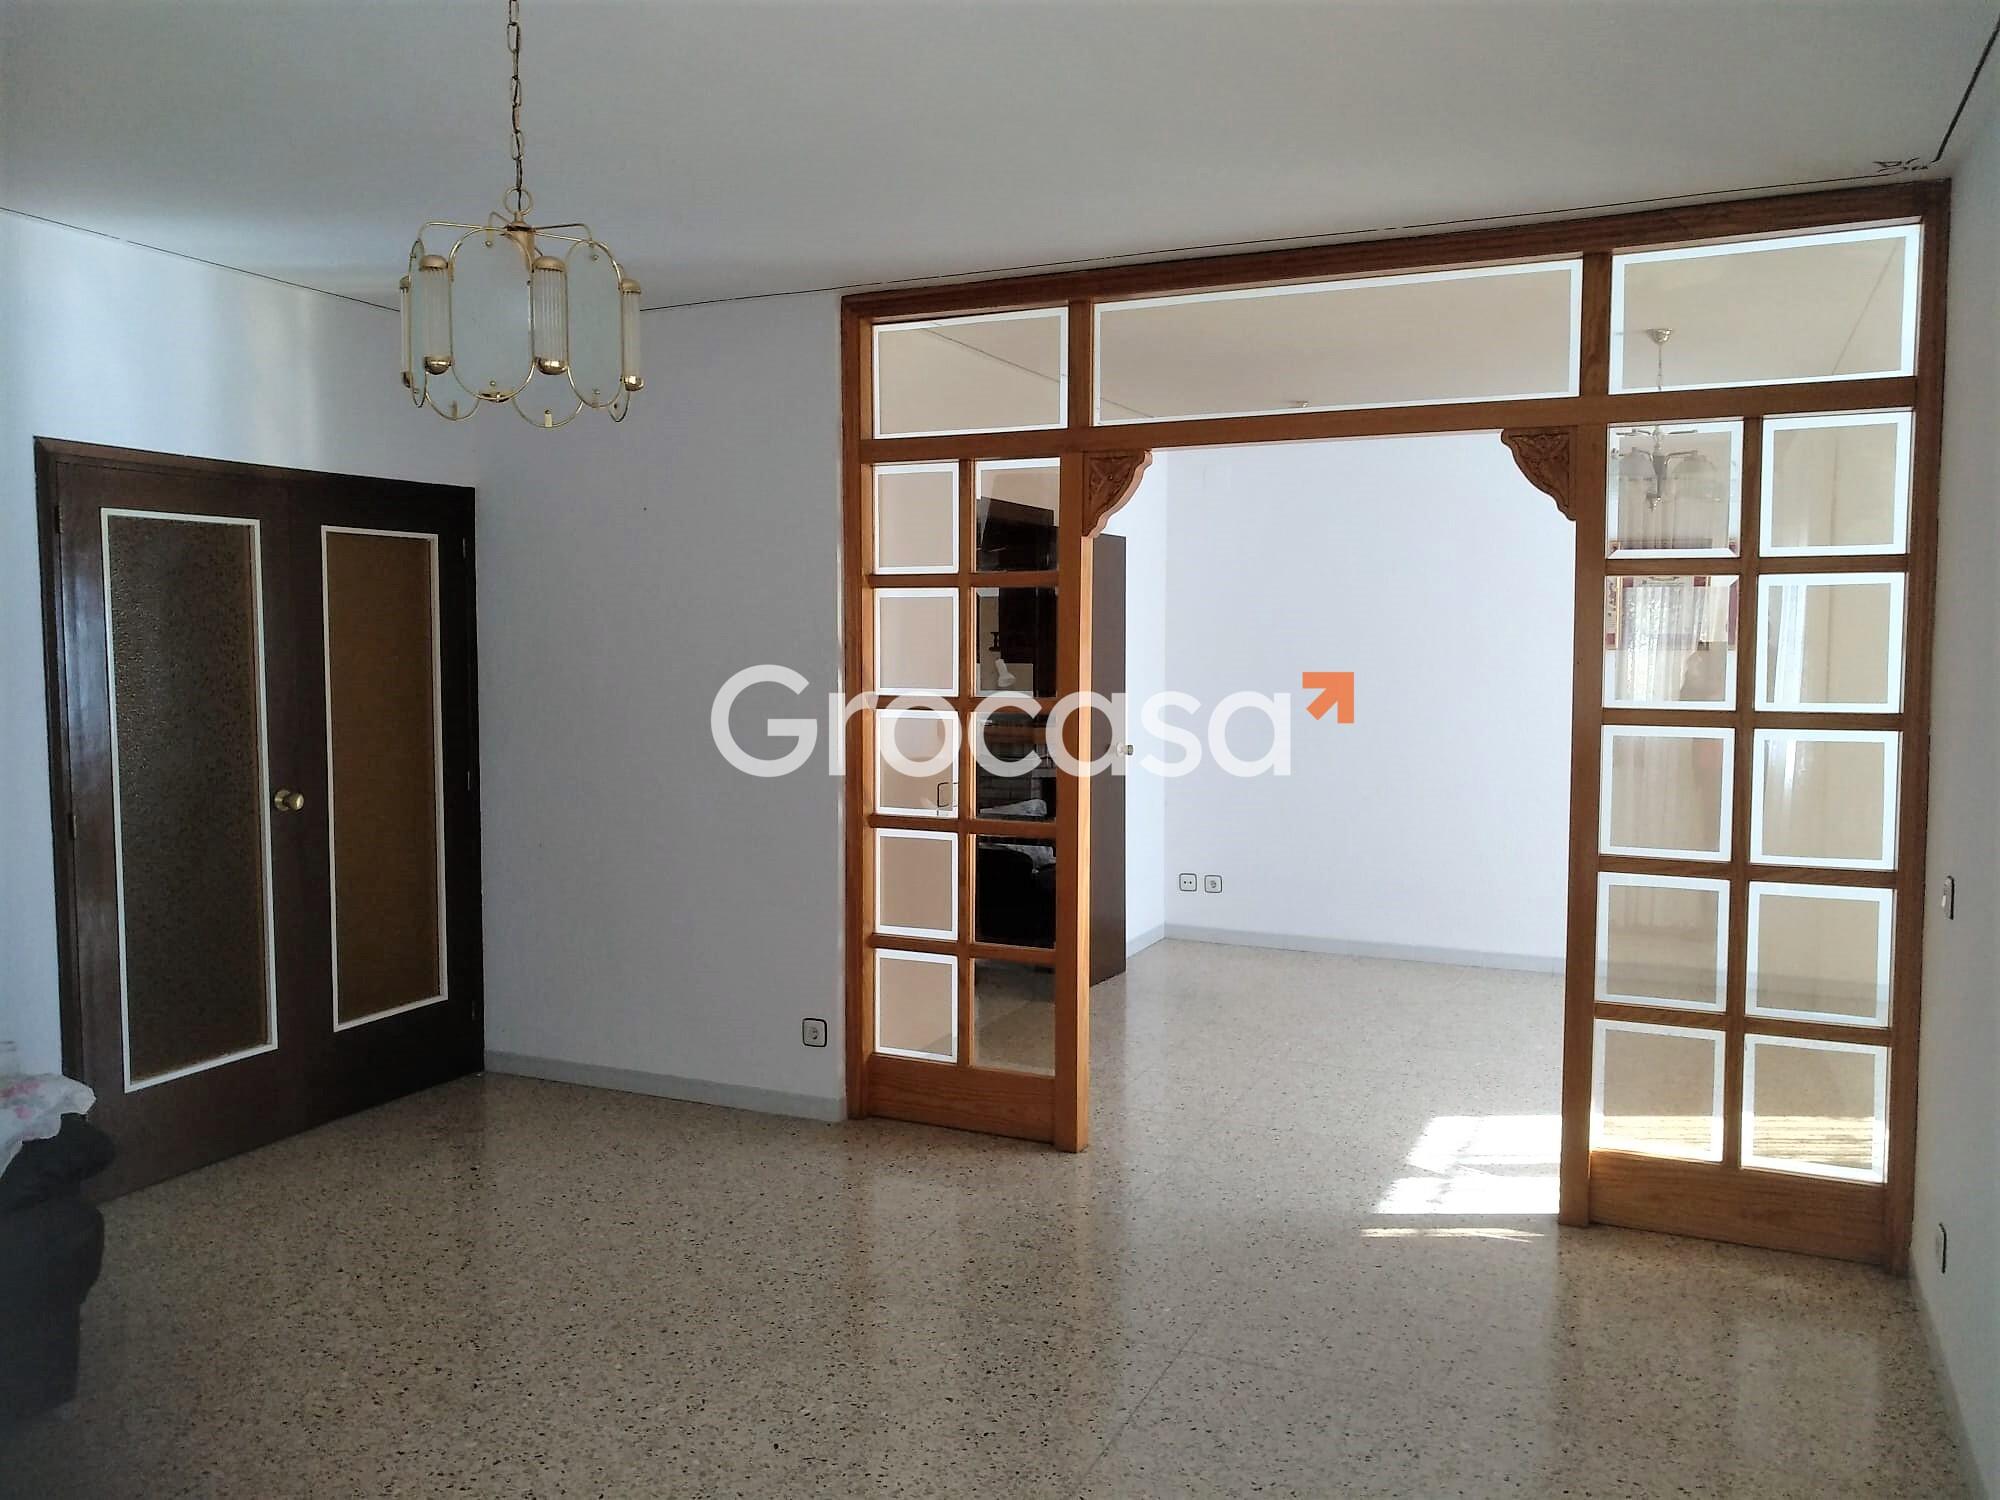 Casa en Fayón en Venta por 95.000€